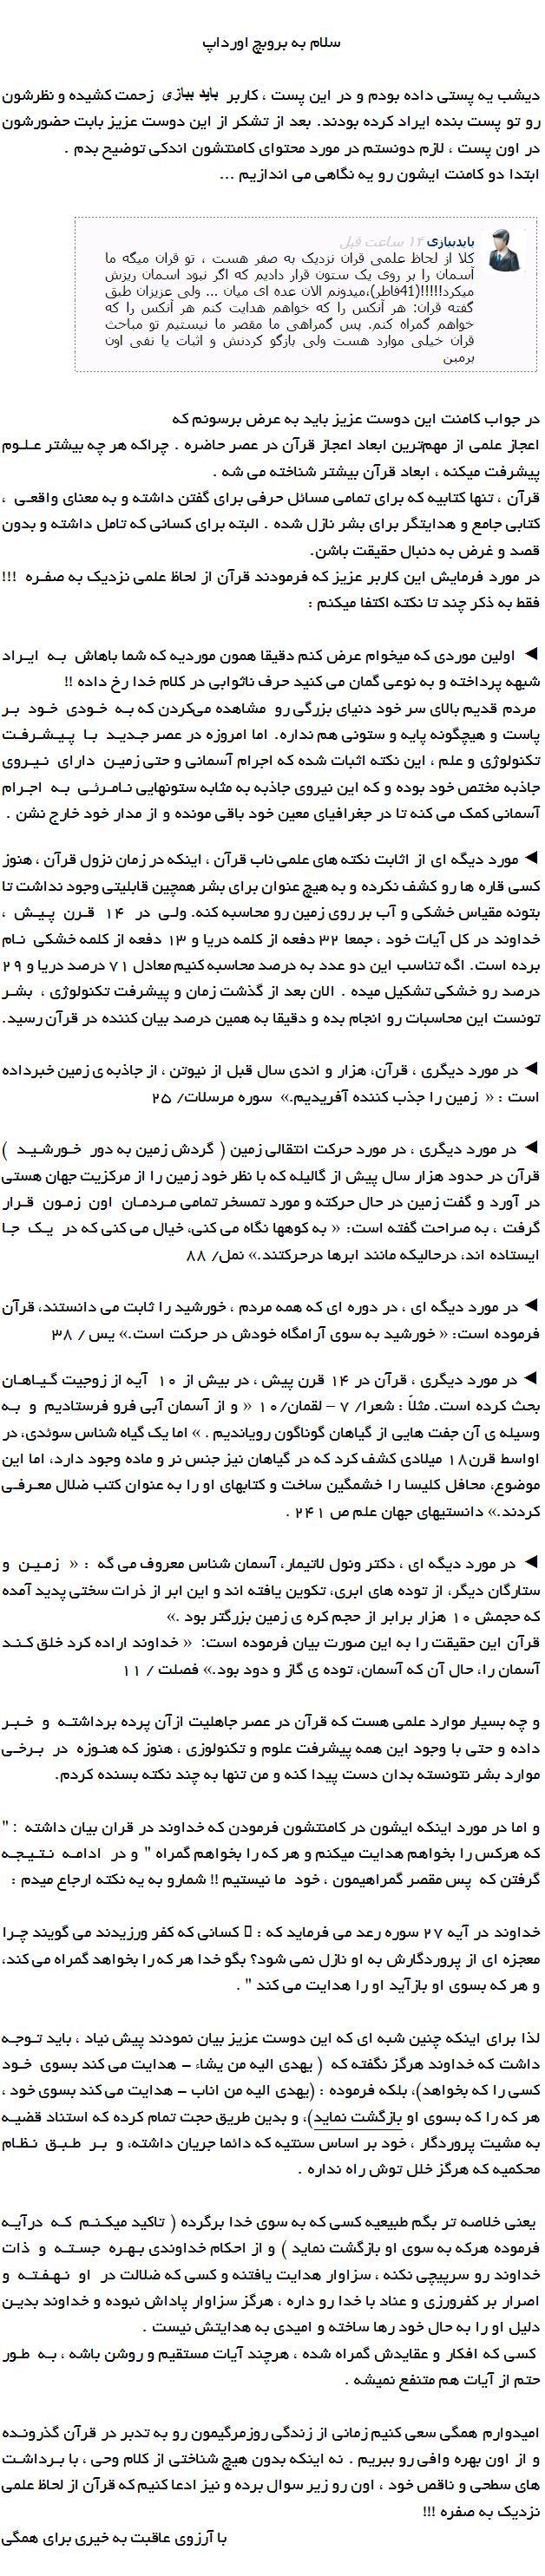 اعجازهای علمی قرآن ... رضا   210